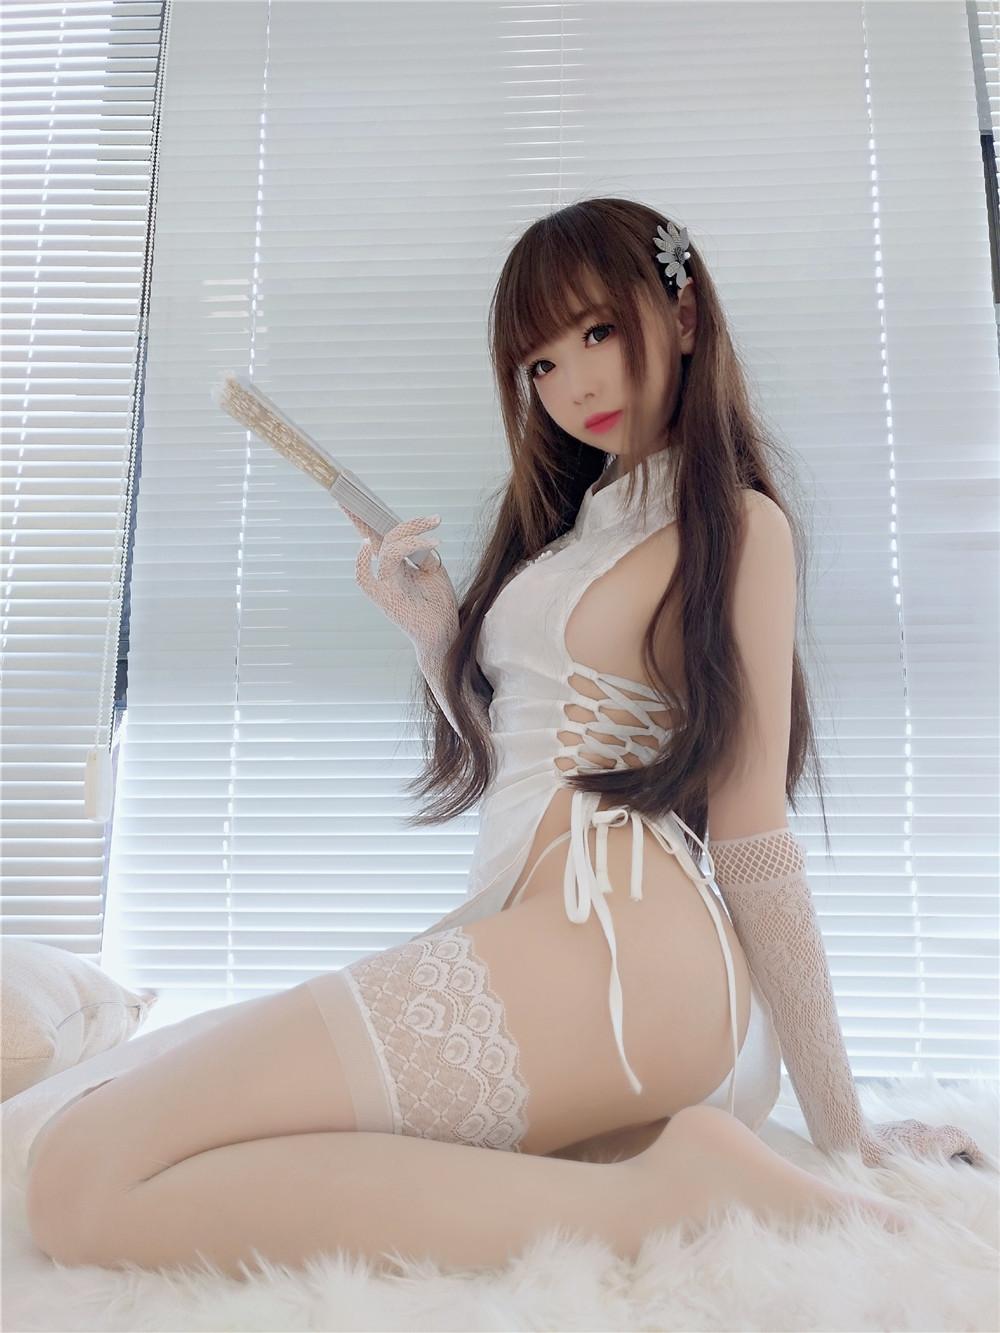 雪琪SAMA – 绑带旗袍私房写真作品[59P/357M]-觅爱图